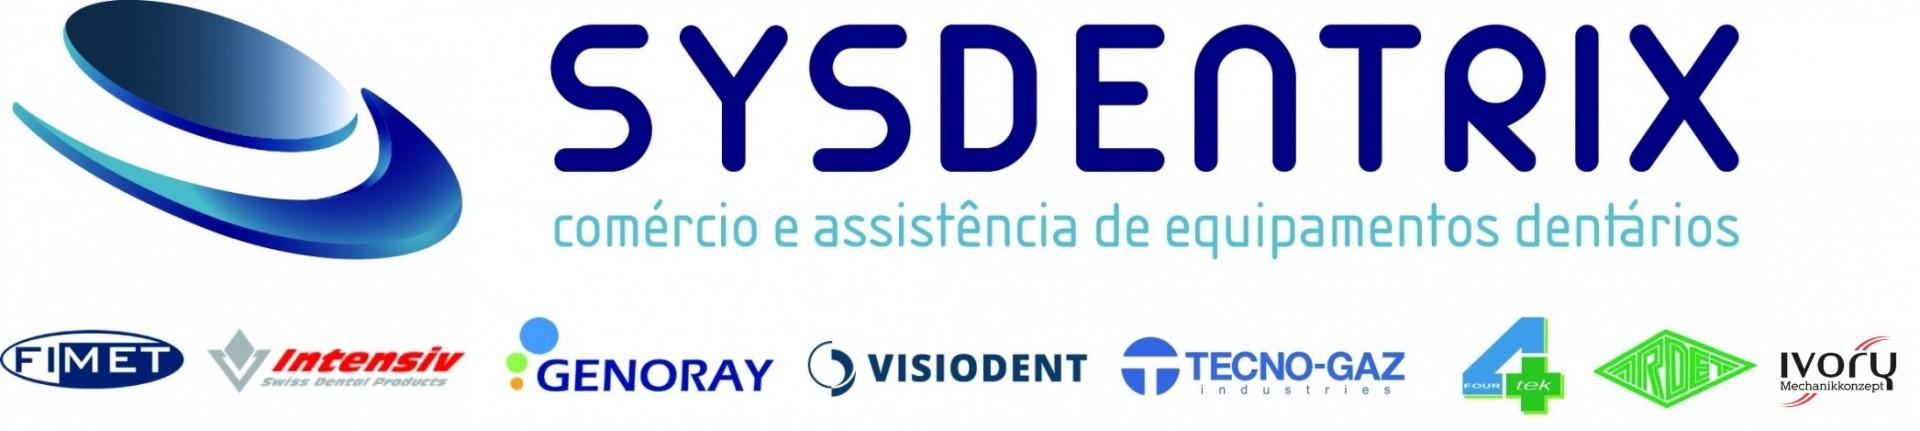 Sysdentrix- Comércio e Assistência de Equipamentos Dentários